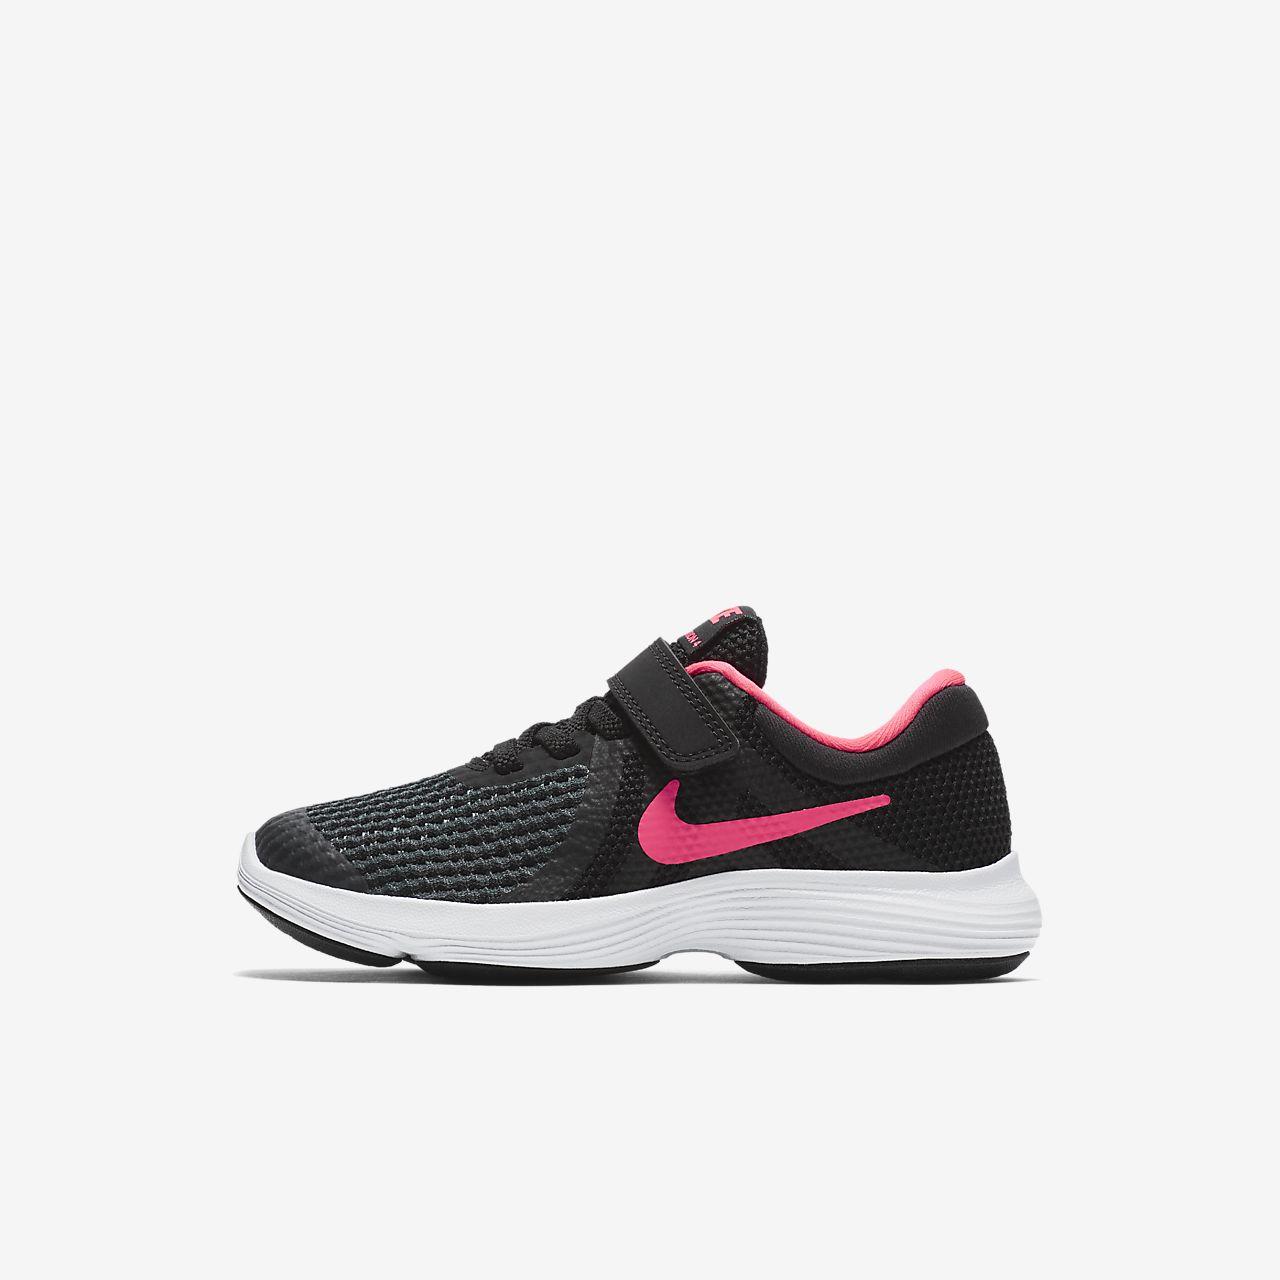 e9771aa1ed7 Nike Revolution 4 – sko til små børn. Nike.com DK